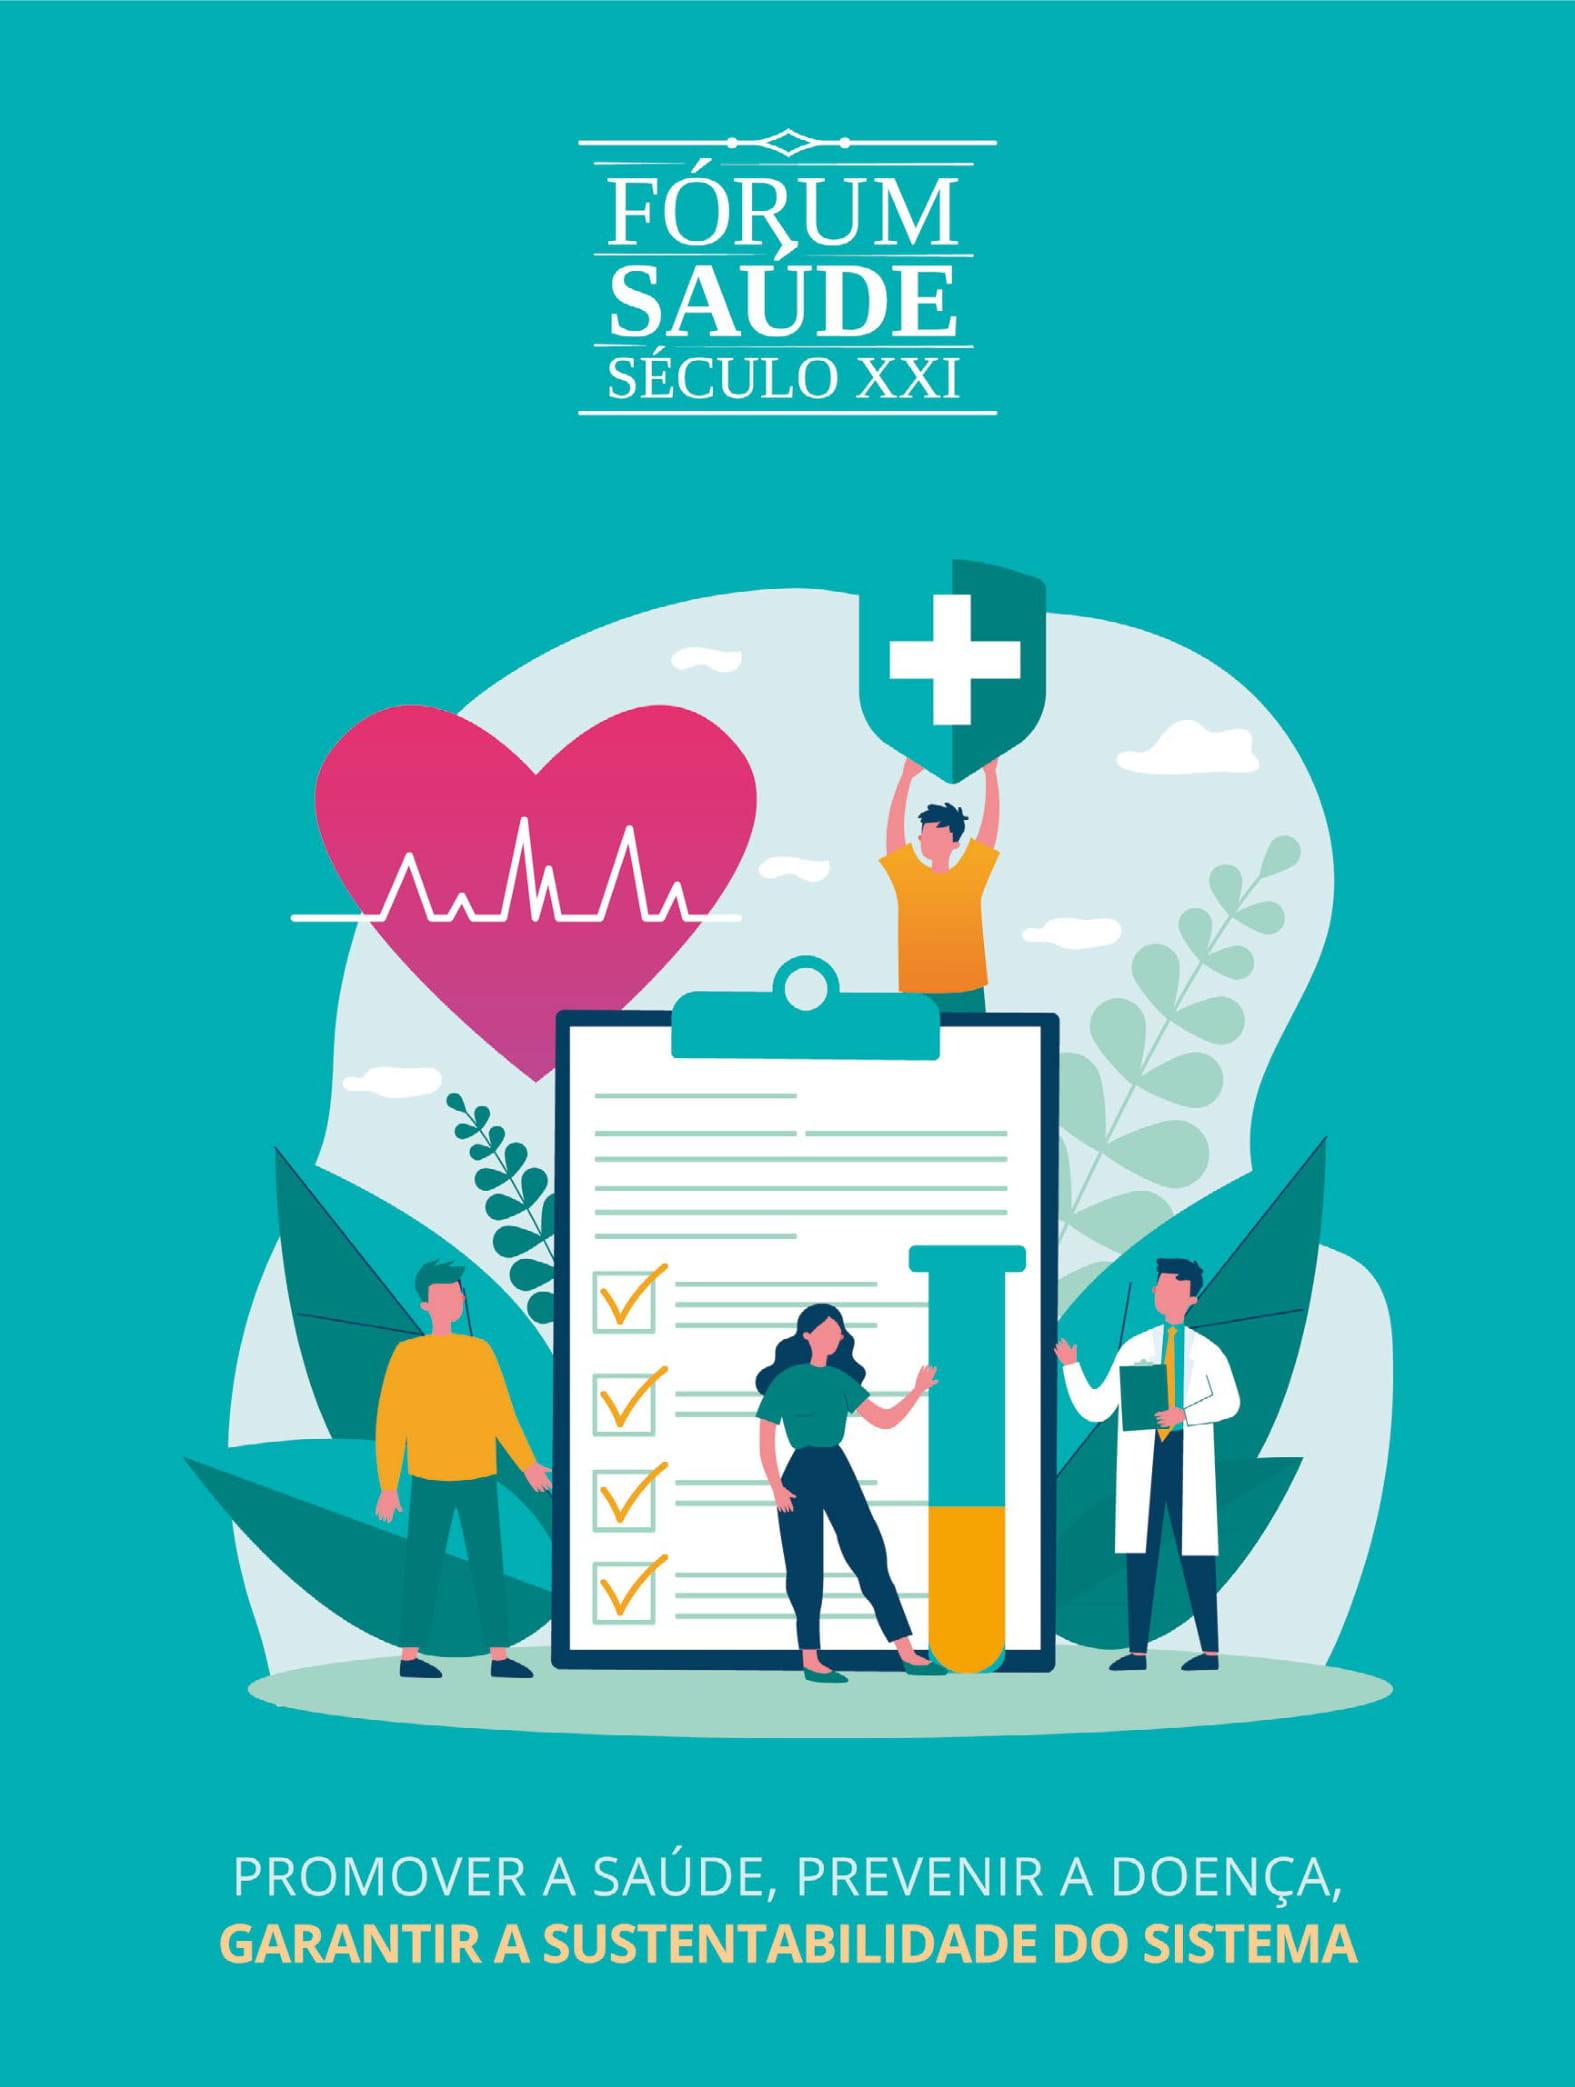 Promover a Saúde, prevenir a doença, garantir a sustentabilidade do sistema